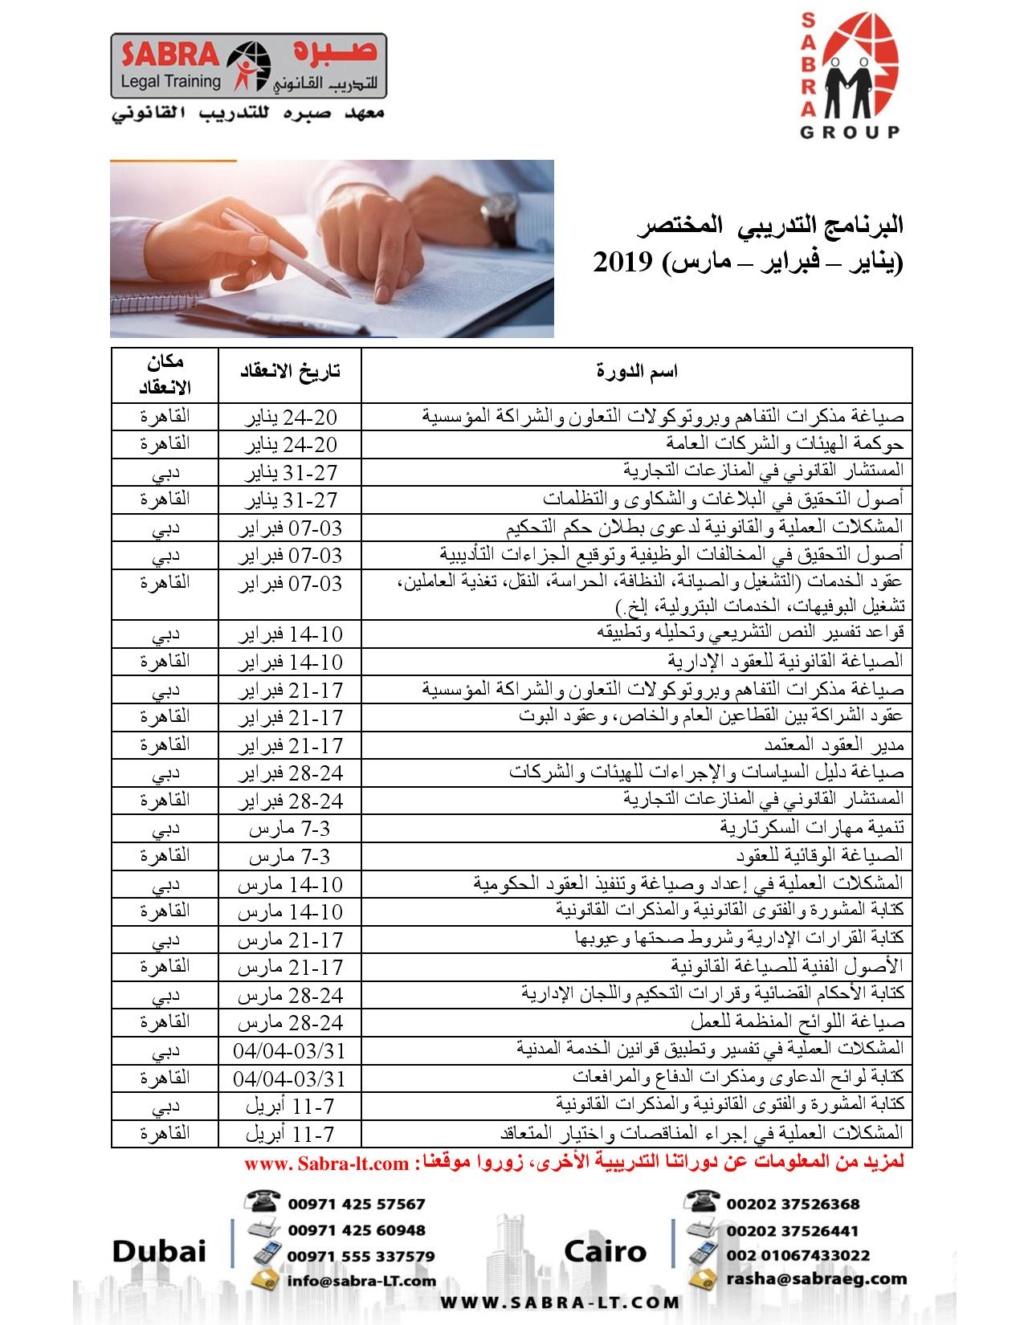 البرنامج التدريبي (القاهرة - دبى) ( يناير - فبراير - مارس ) 2019  Oaay_a11